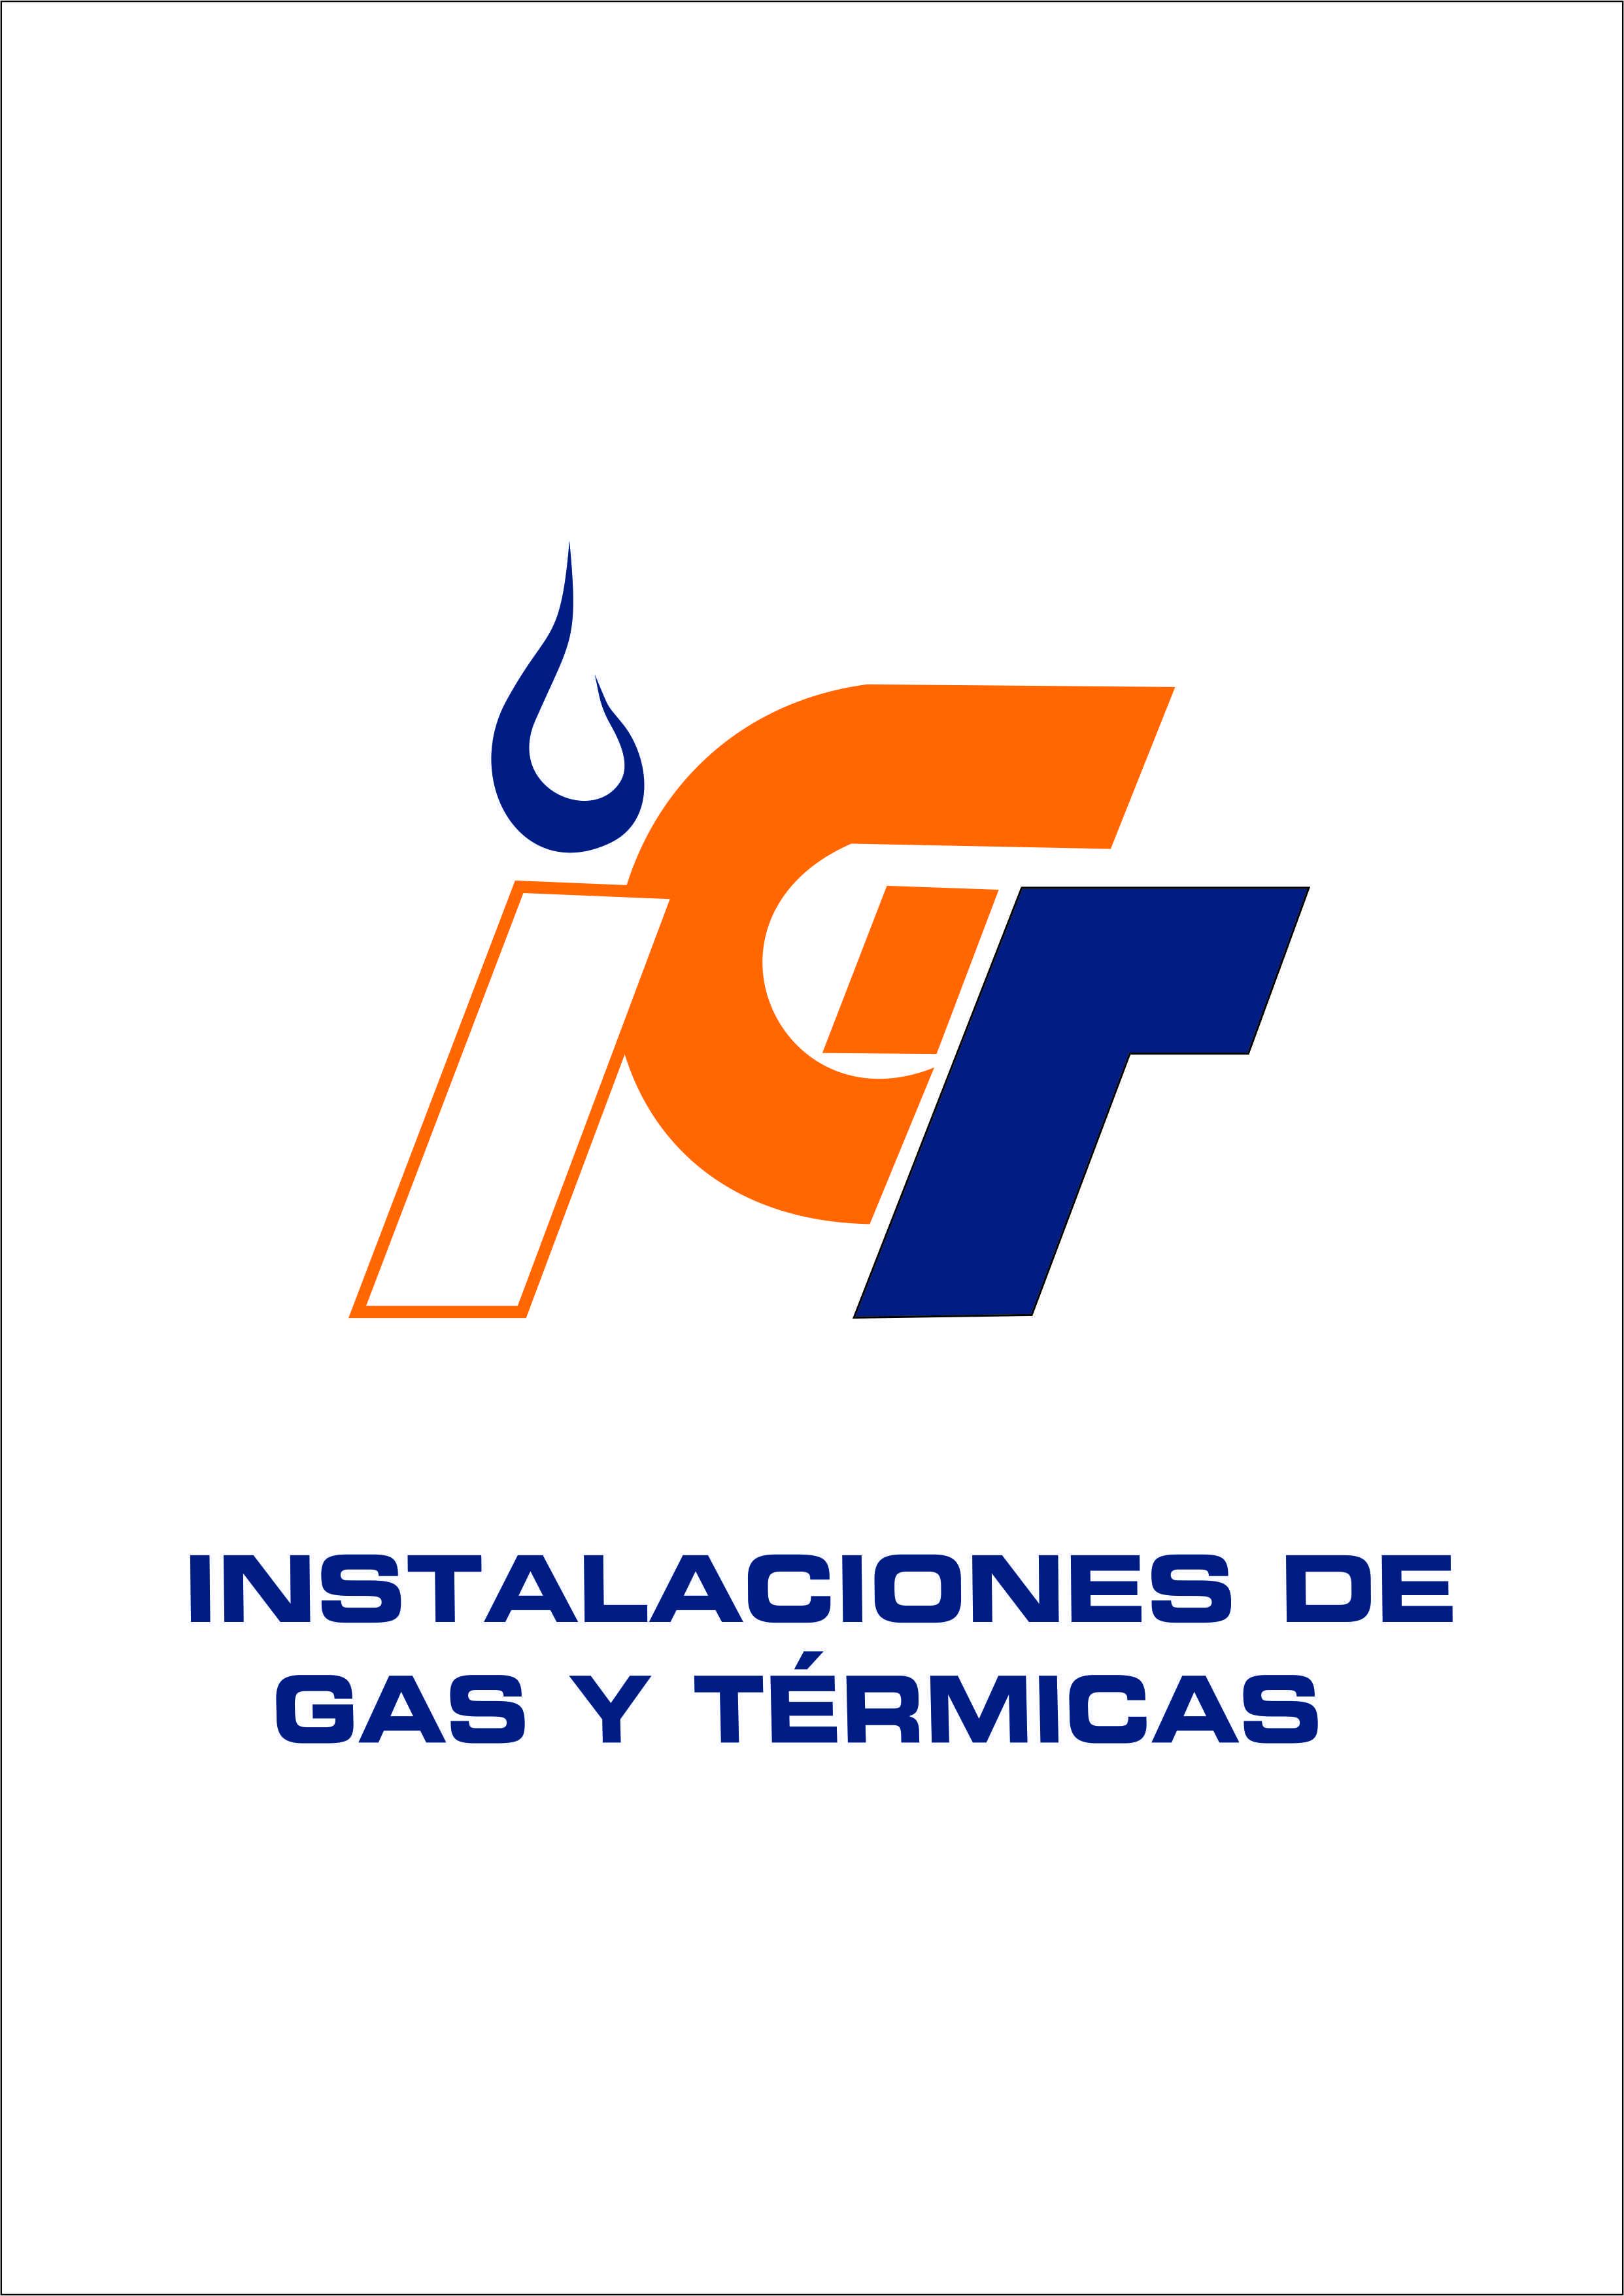 Instalaciones De Gas Y Térmicas (IGT)